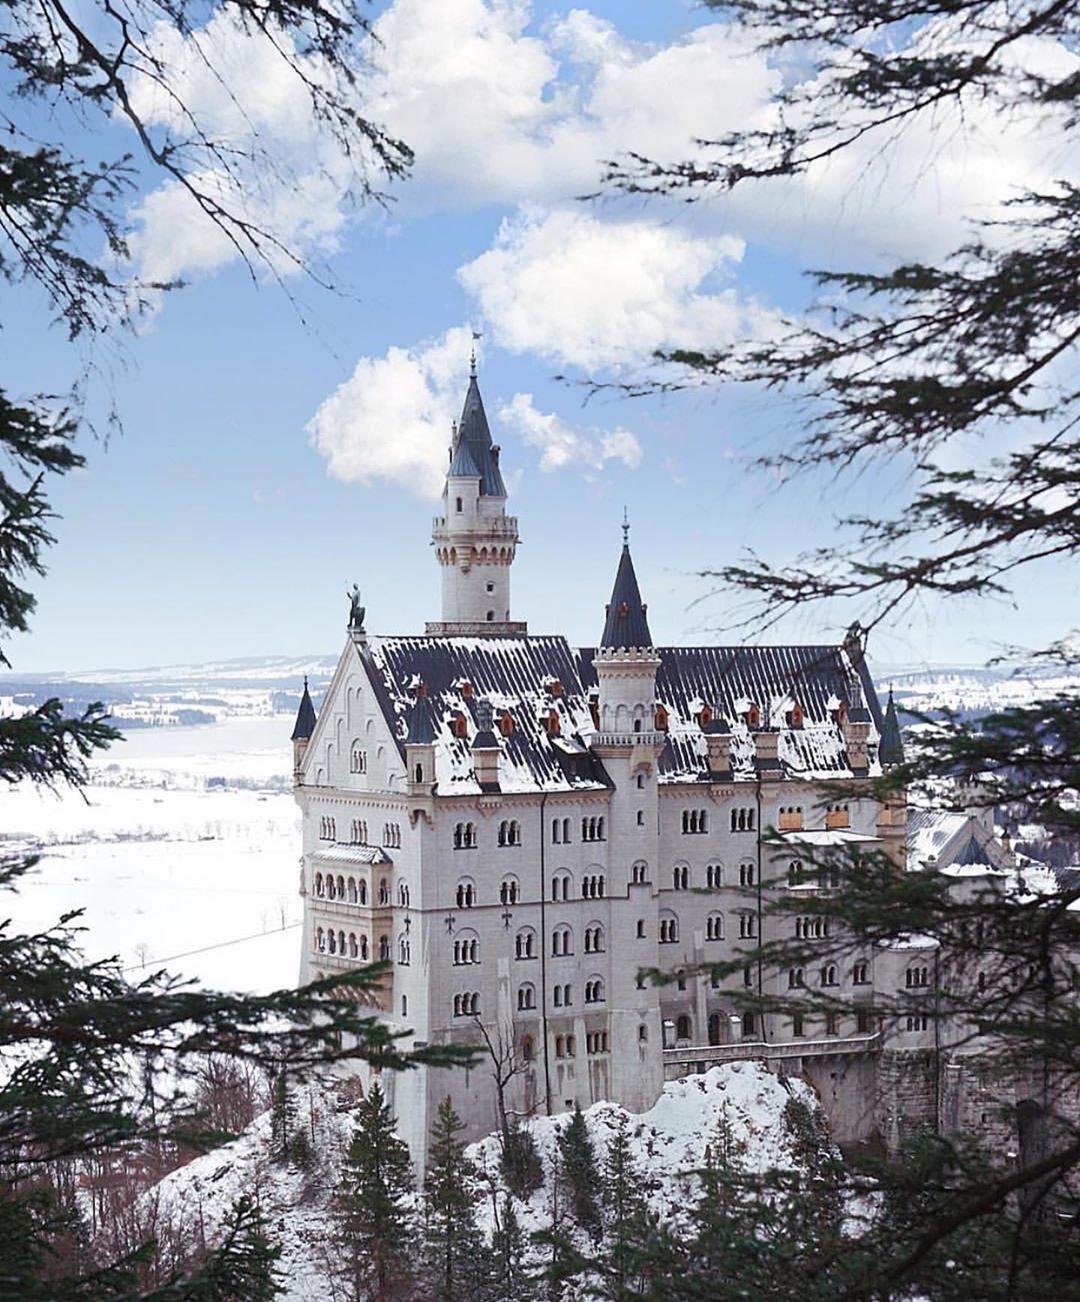 Schloss Neuschwanstein On Instagram Neuschwanstein Schlossneuschwanstein Neuschwansteincastle Bayern Bavar Neuschwanstein Castle Castle Instagram